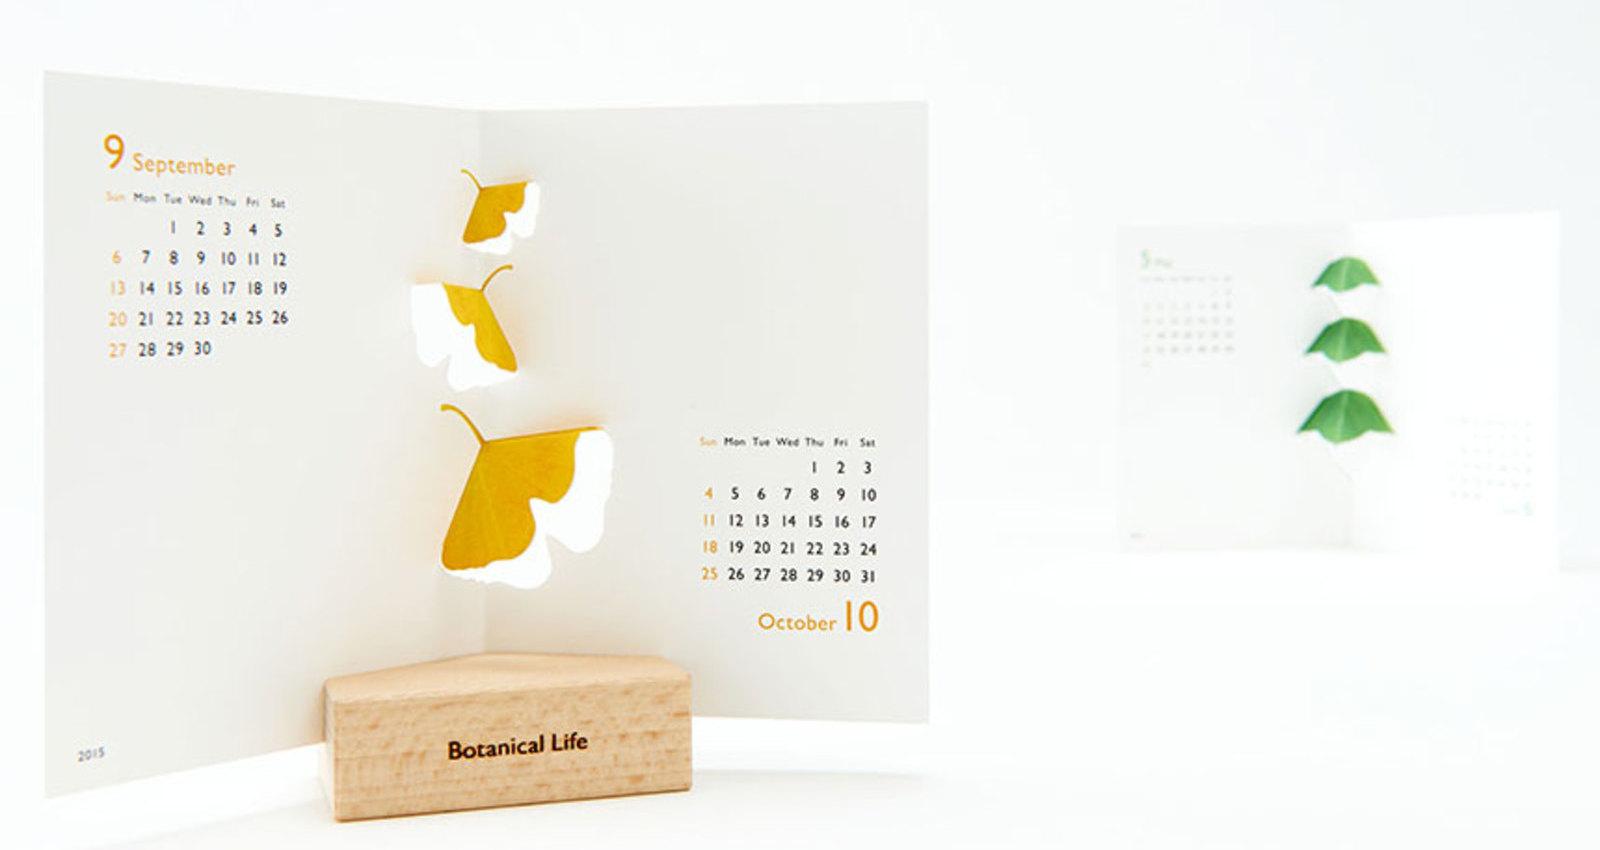 good morning original calendar: Botanical Life